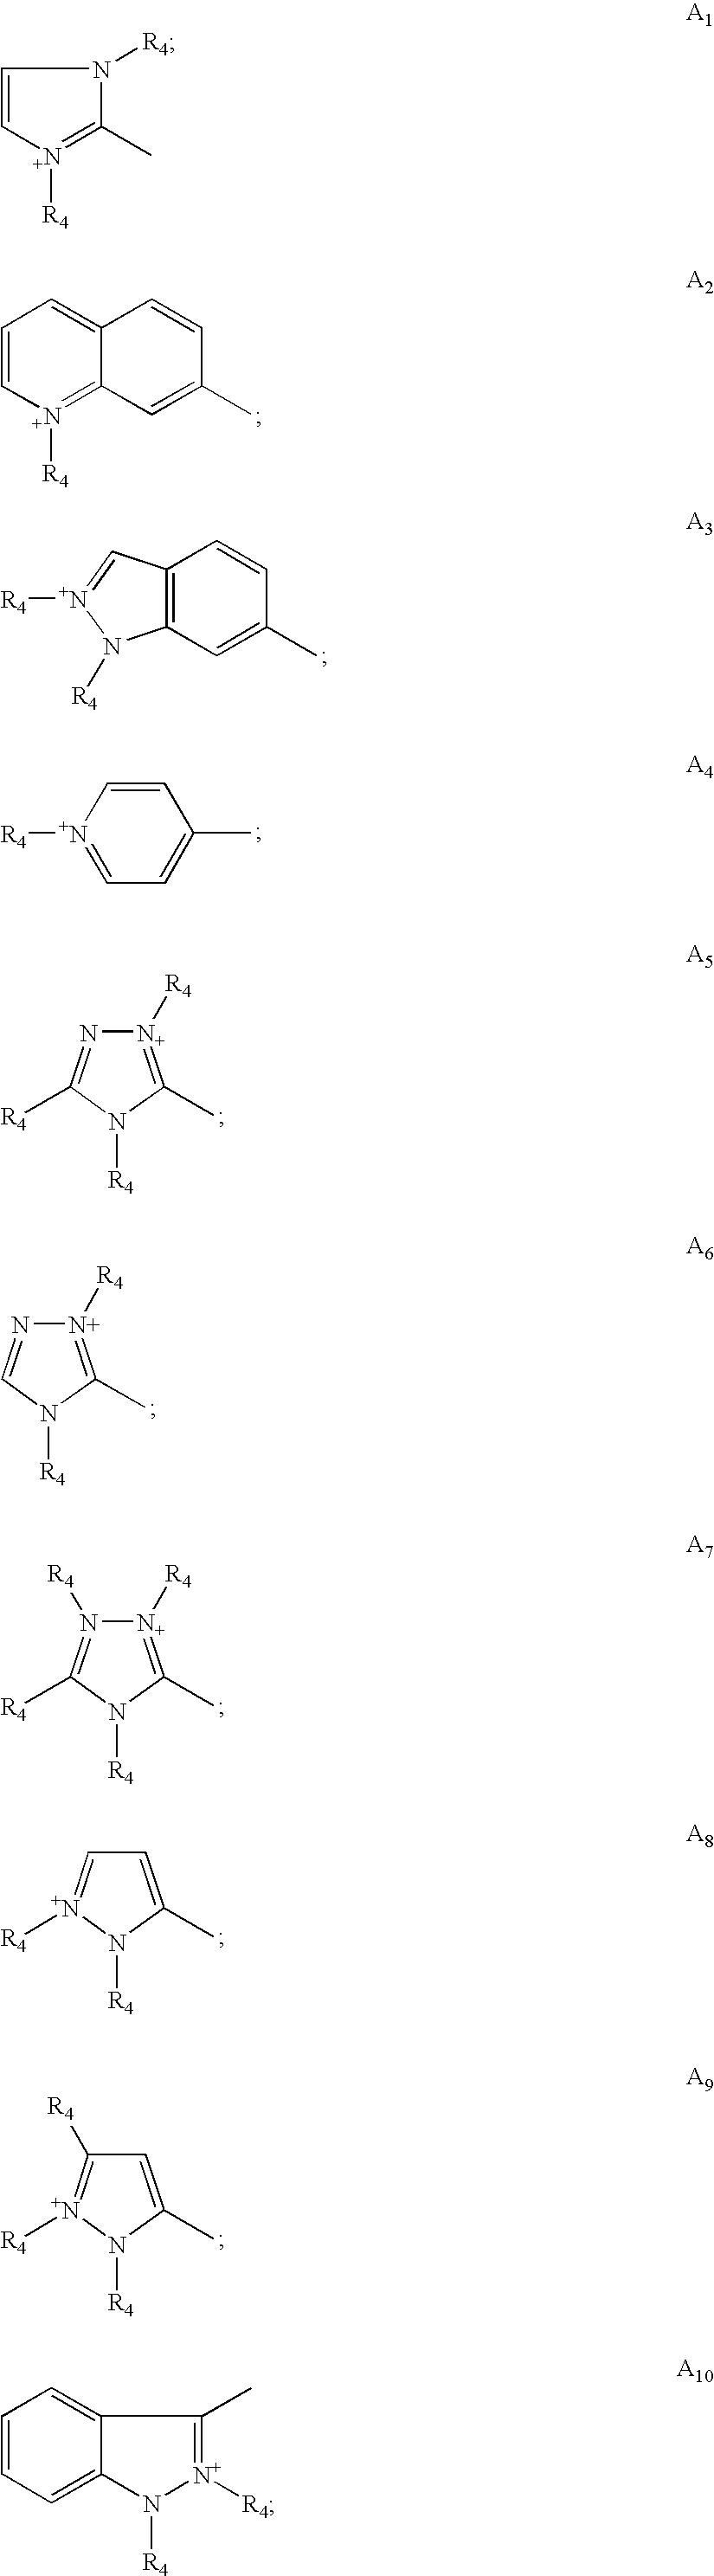 Figure US07935154-20110503-C00003